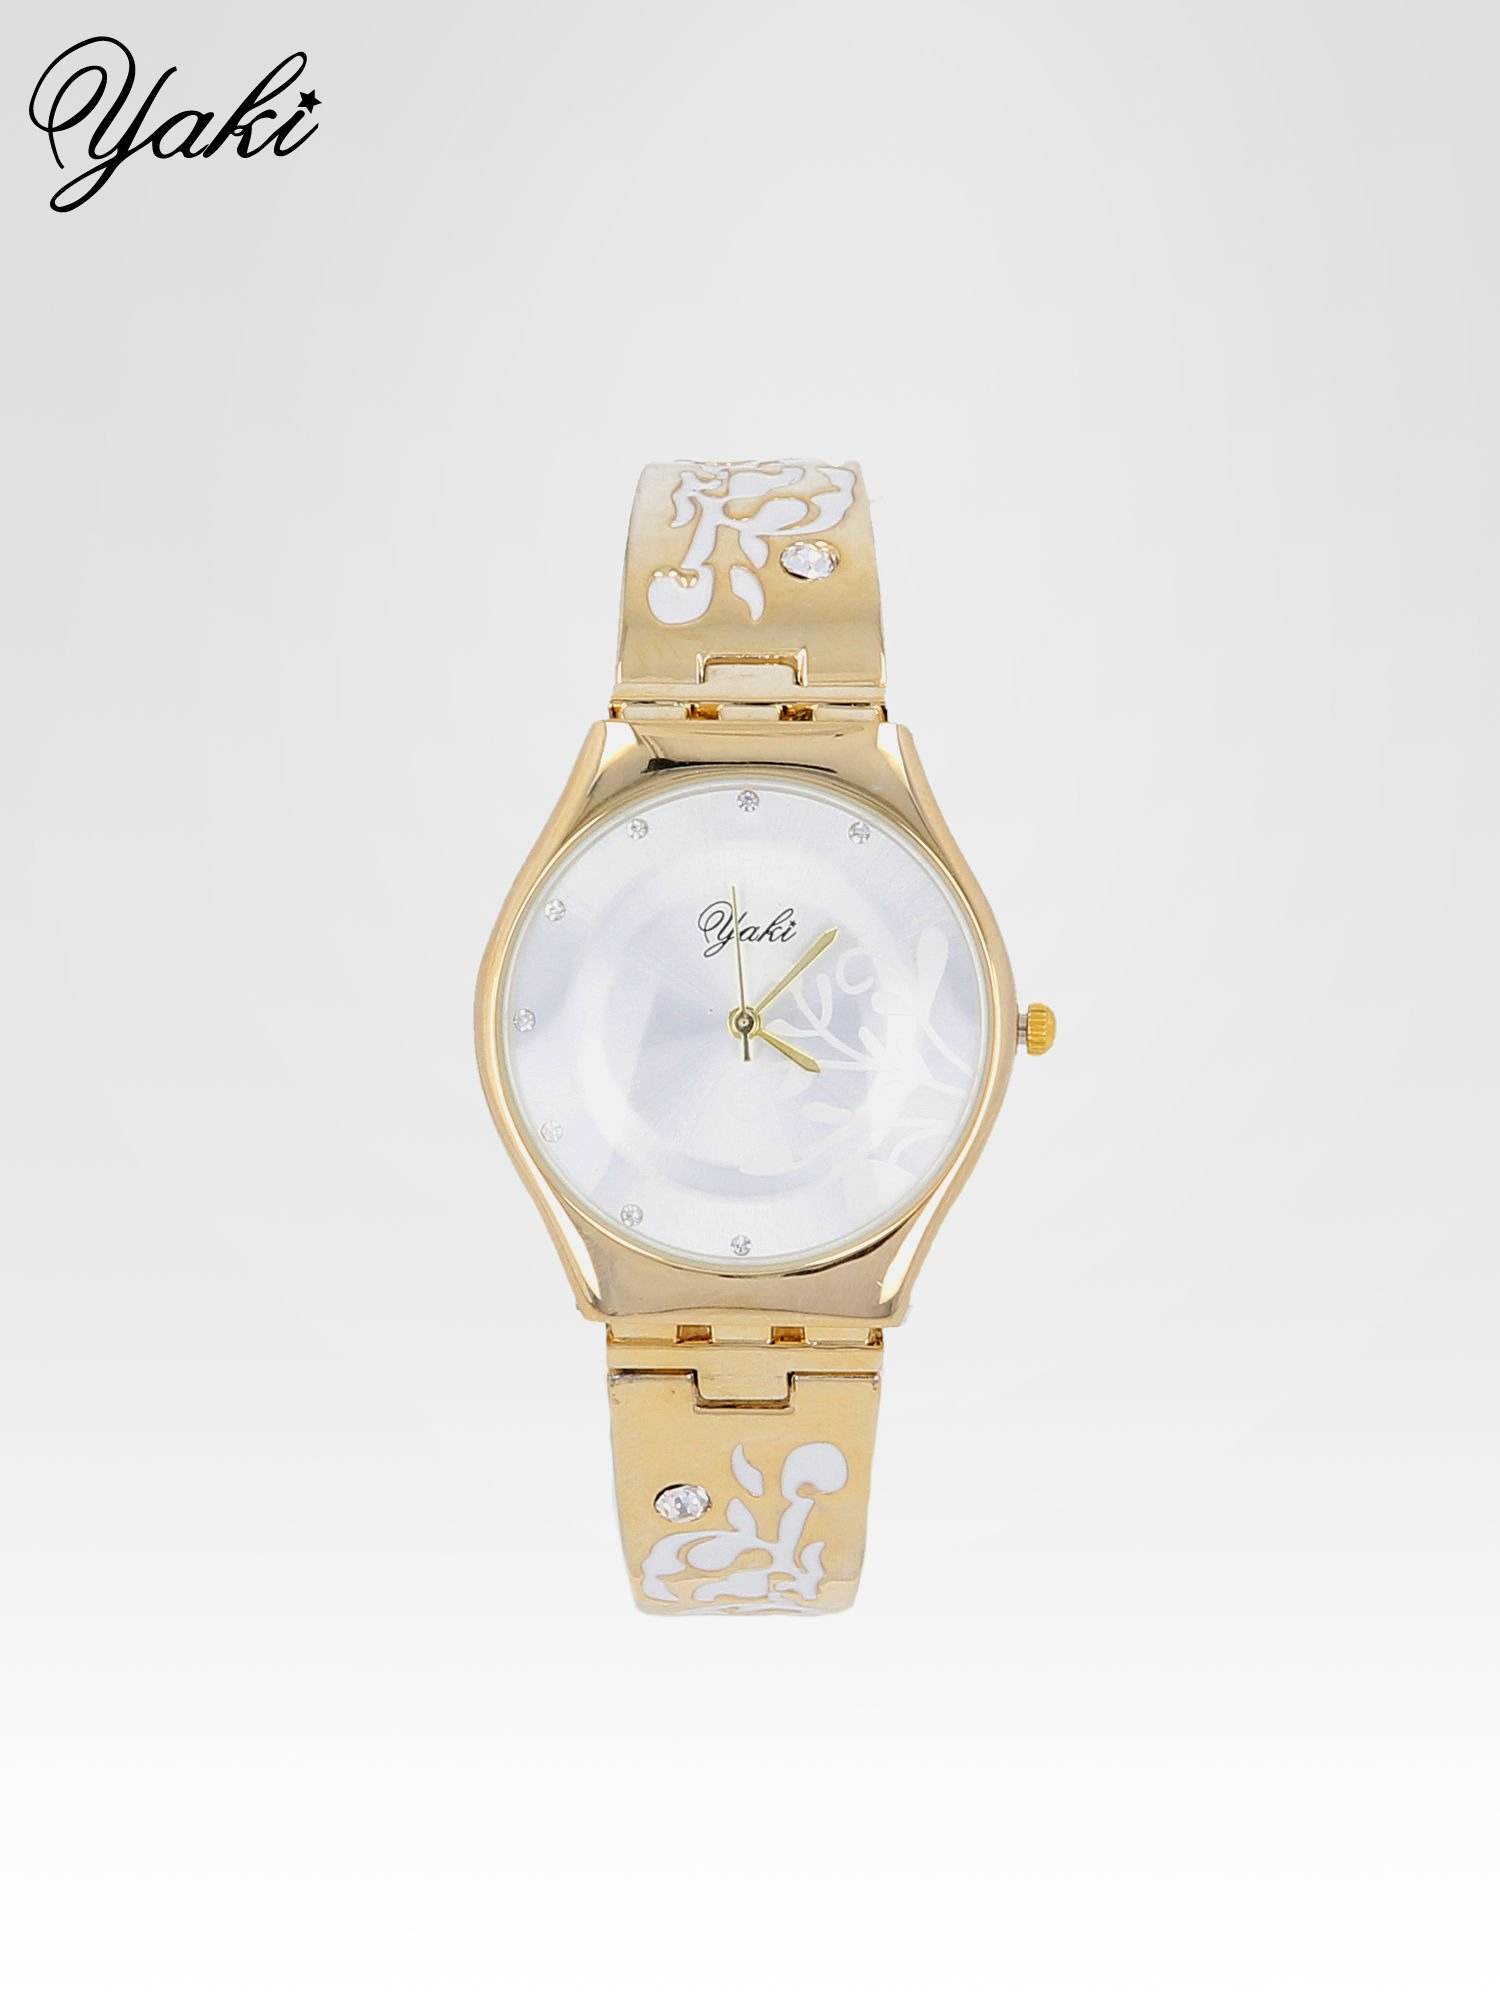 Złoty zegarek damski na bransolecie z subtelnym zdobieniem                                  zdj.                                  1